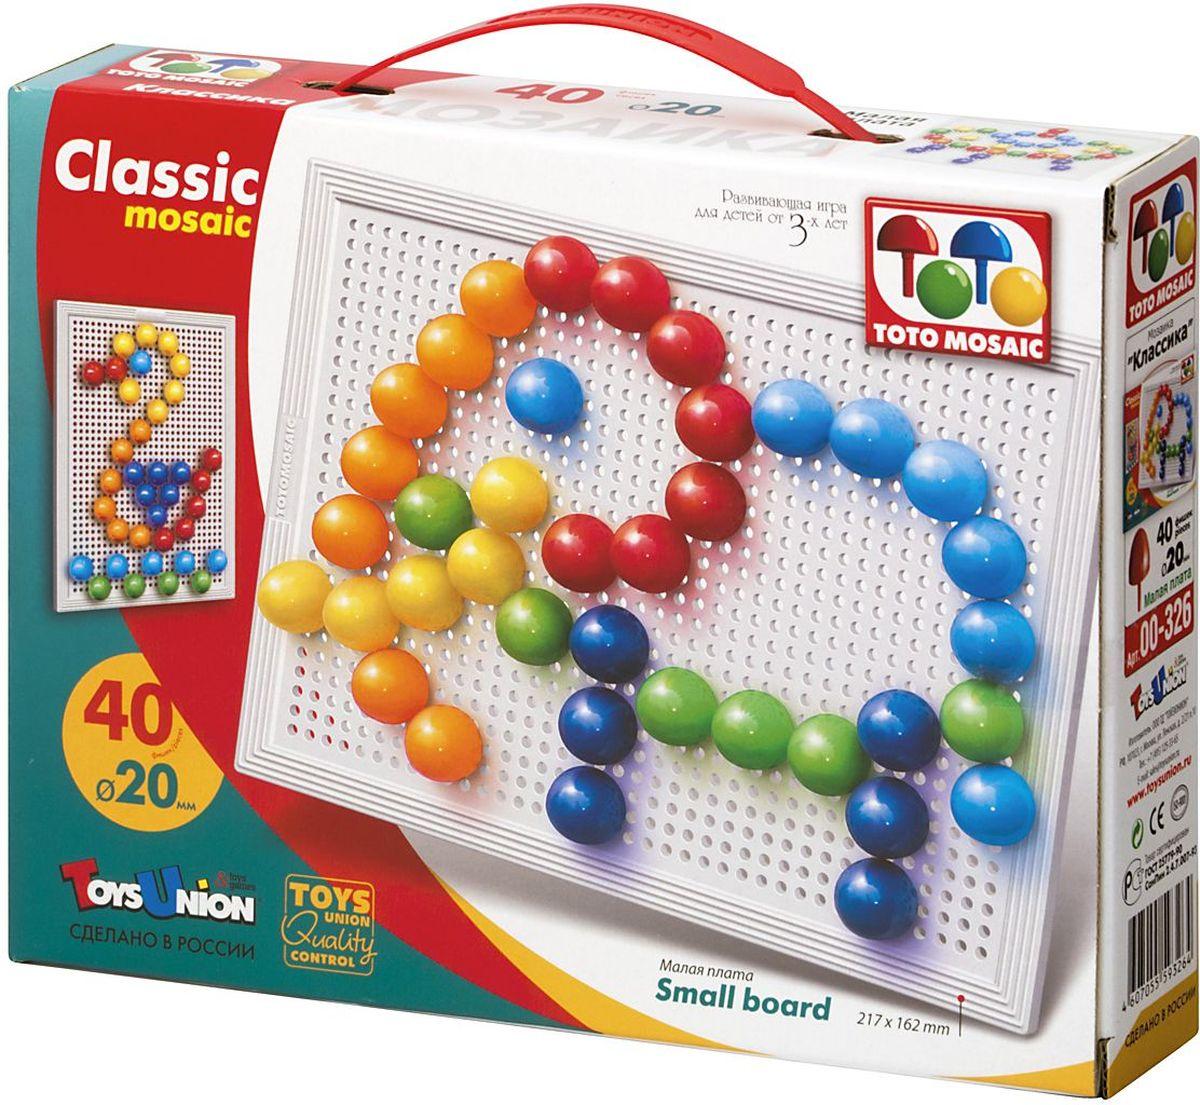 Toto Mosaic Мозаика малая Необыкновенные приключения00-326Мозаика «CLASSIC» малая плата -увлекательная развивающая игра для детей от 3-х лет и старше, способствует развитию воображения,творческих способностей, мышления, развитию мелкой моторики руки, а также таких качеств личности как терпение, усидчивость ,что станет хорошей базой для подготовки к школе. Мозаика – игра, позволяющая из мелких элементов (фишек) создавать цветные картинки. Мозайка дает возможность ребенку творить, используя свое воображение,а не использовать предложенную схему-образец, как, например в пазле. В результате из мозаики –можно собрать множество оригинальных произведений. Конструкция платы позволяет леко вставлять и фиксировать фишки при составлении рисунка, предотвращая их выпадение при переворачивании или переноске собранной картинки. Рисунки, представленные в качестве образцов, являются только примером, так как эта универсальная мозаика раскрывает перед ребенком неограниченные возможности моделирования и создания множества своих собственных...